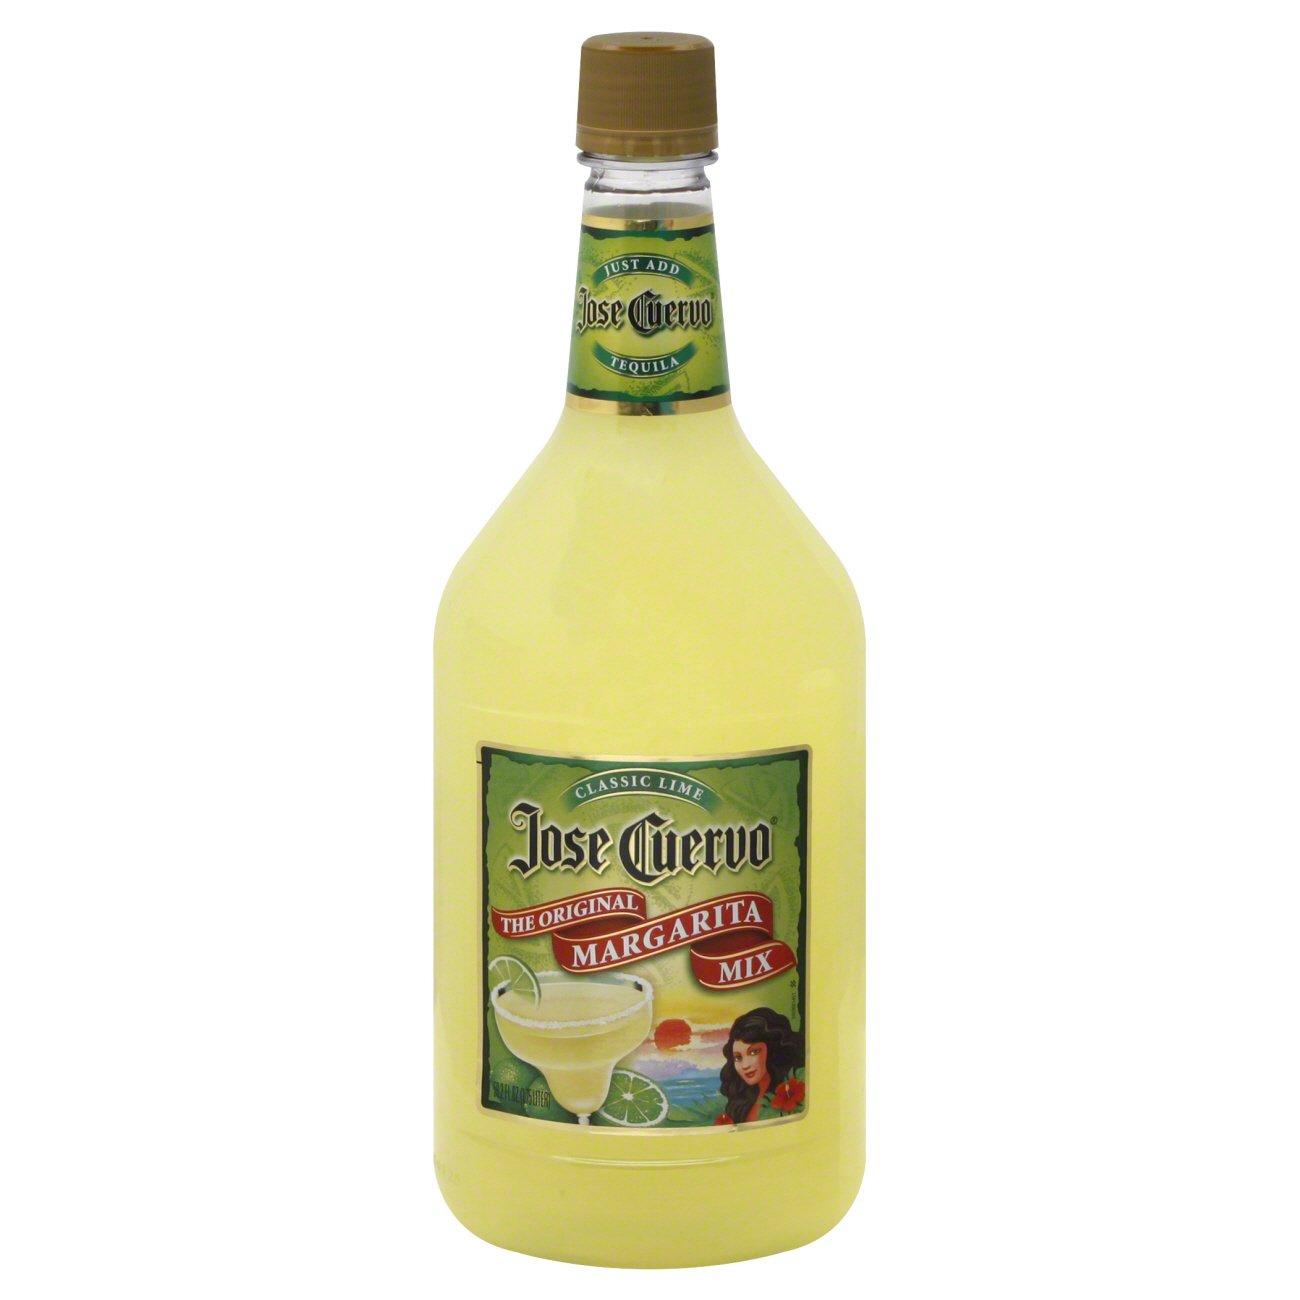 Original Classic Lime Margarita Mix